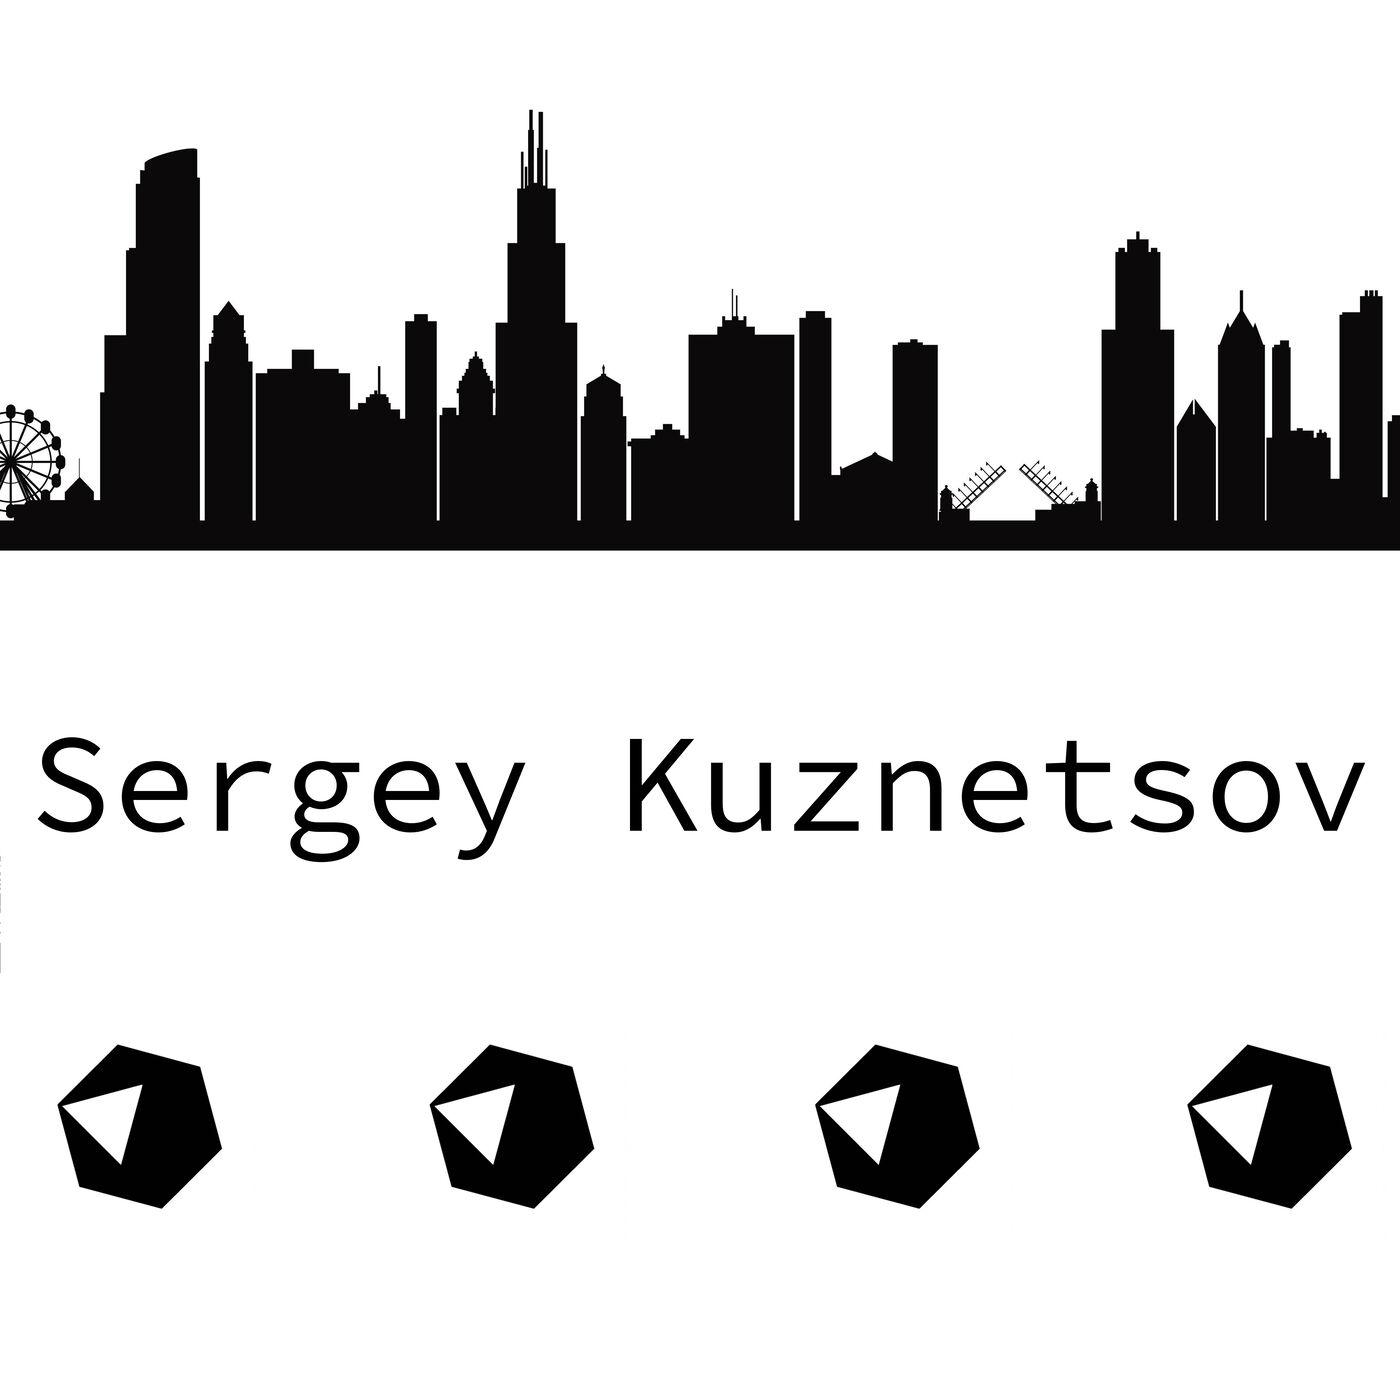 Sergey Kuznetsov: Crystal, BBS and Debuggers